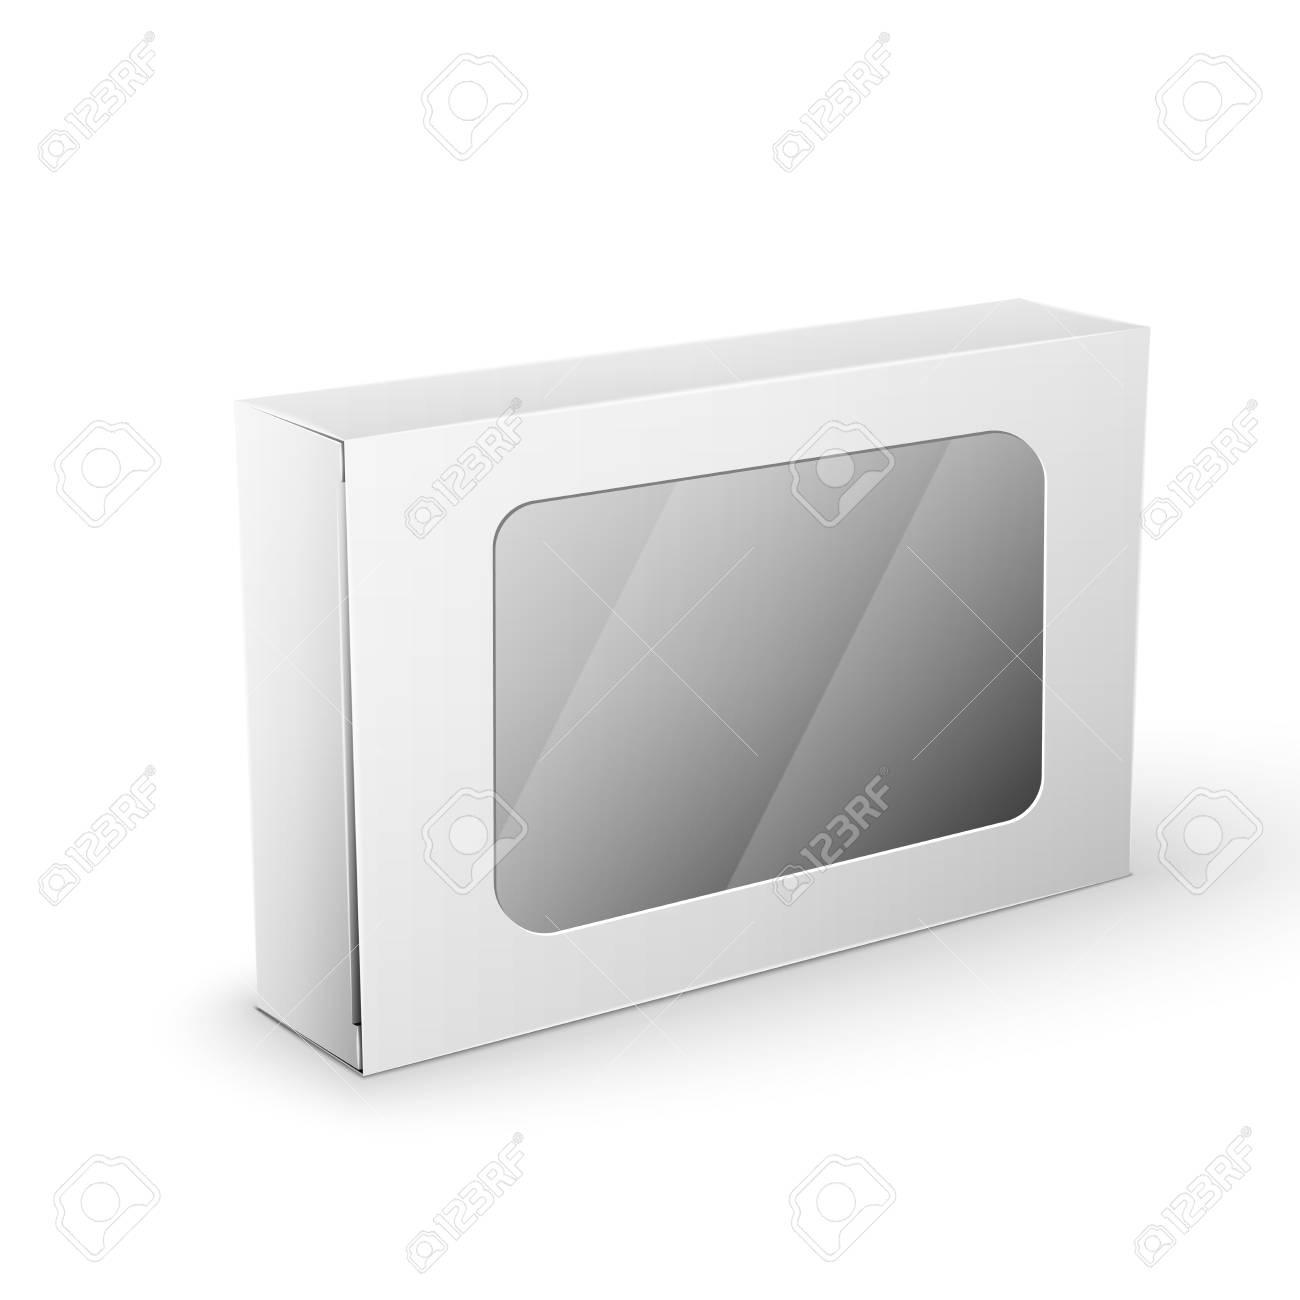 Anspruchsvoll Mypaketkasten Foto Von Weiß Artikel Psuperbe Rechteckigen Paket-kasten Standard-bild -